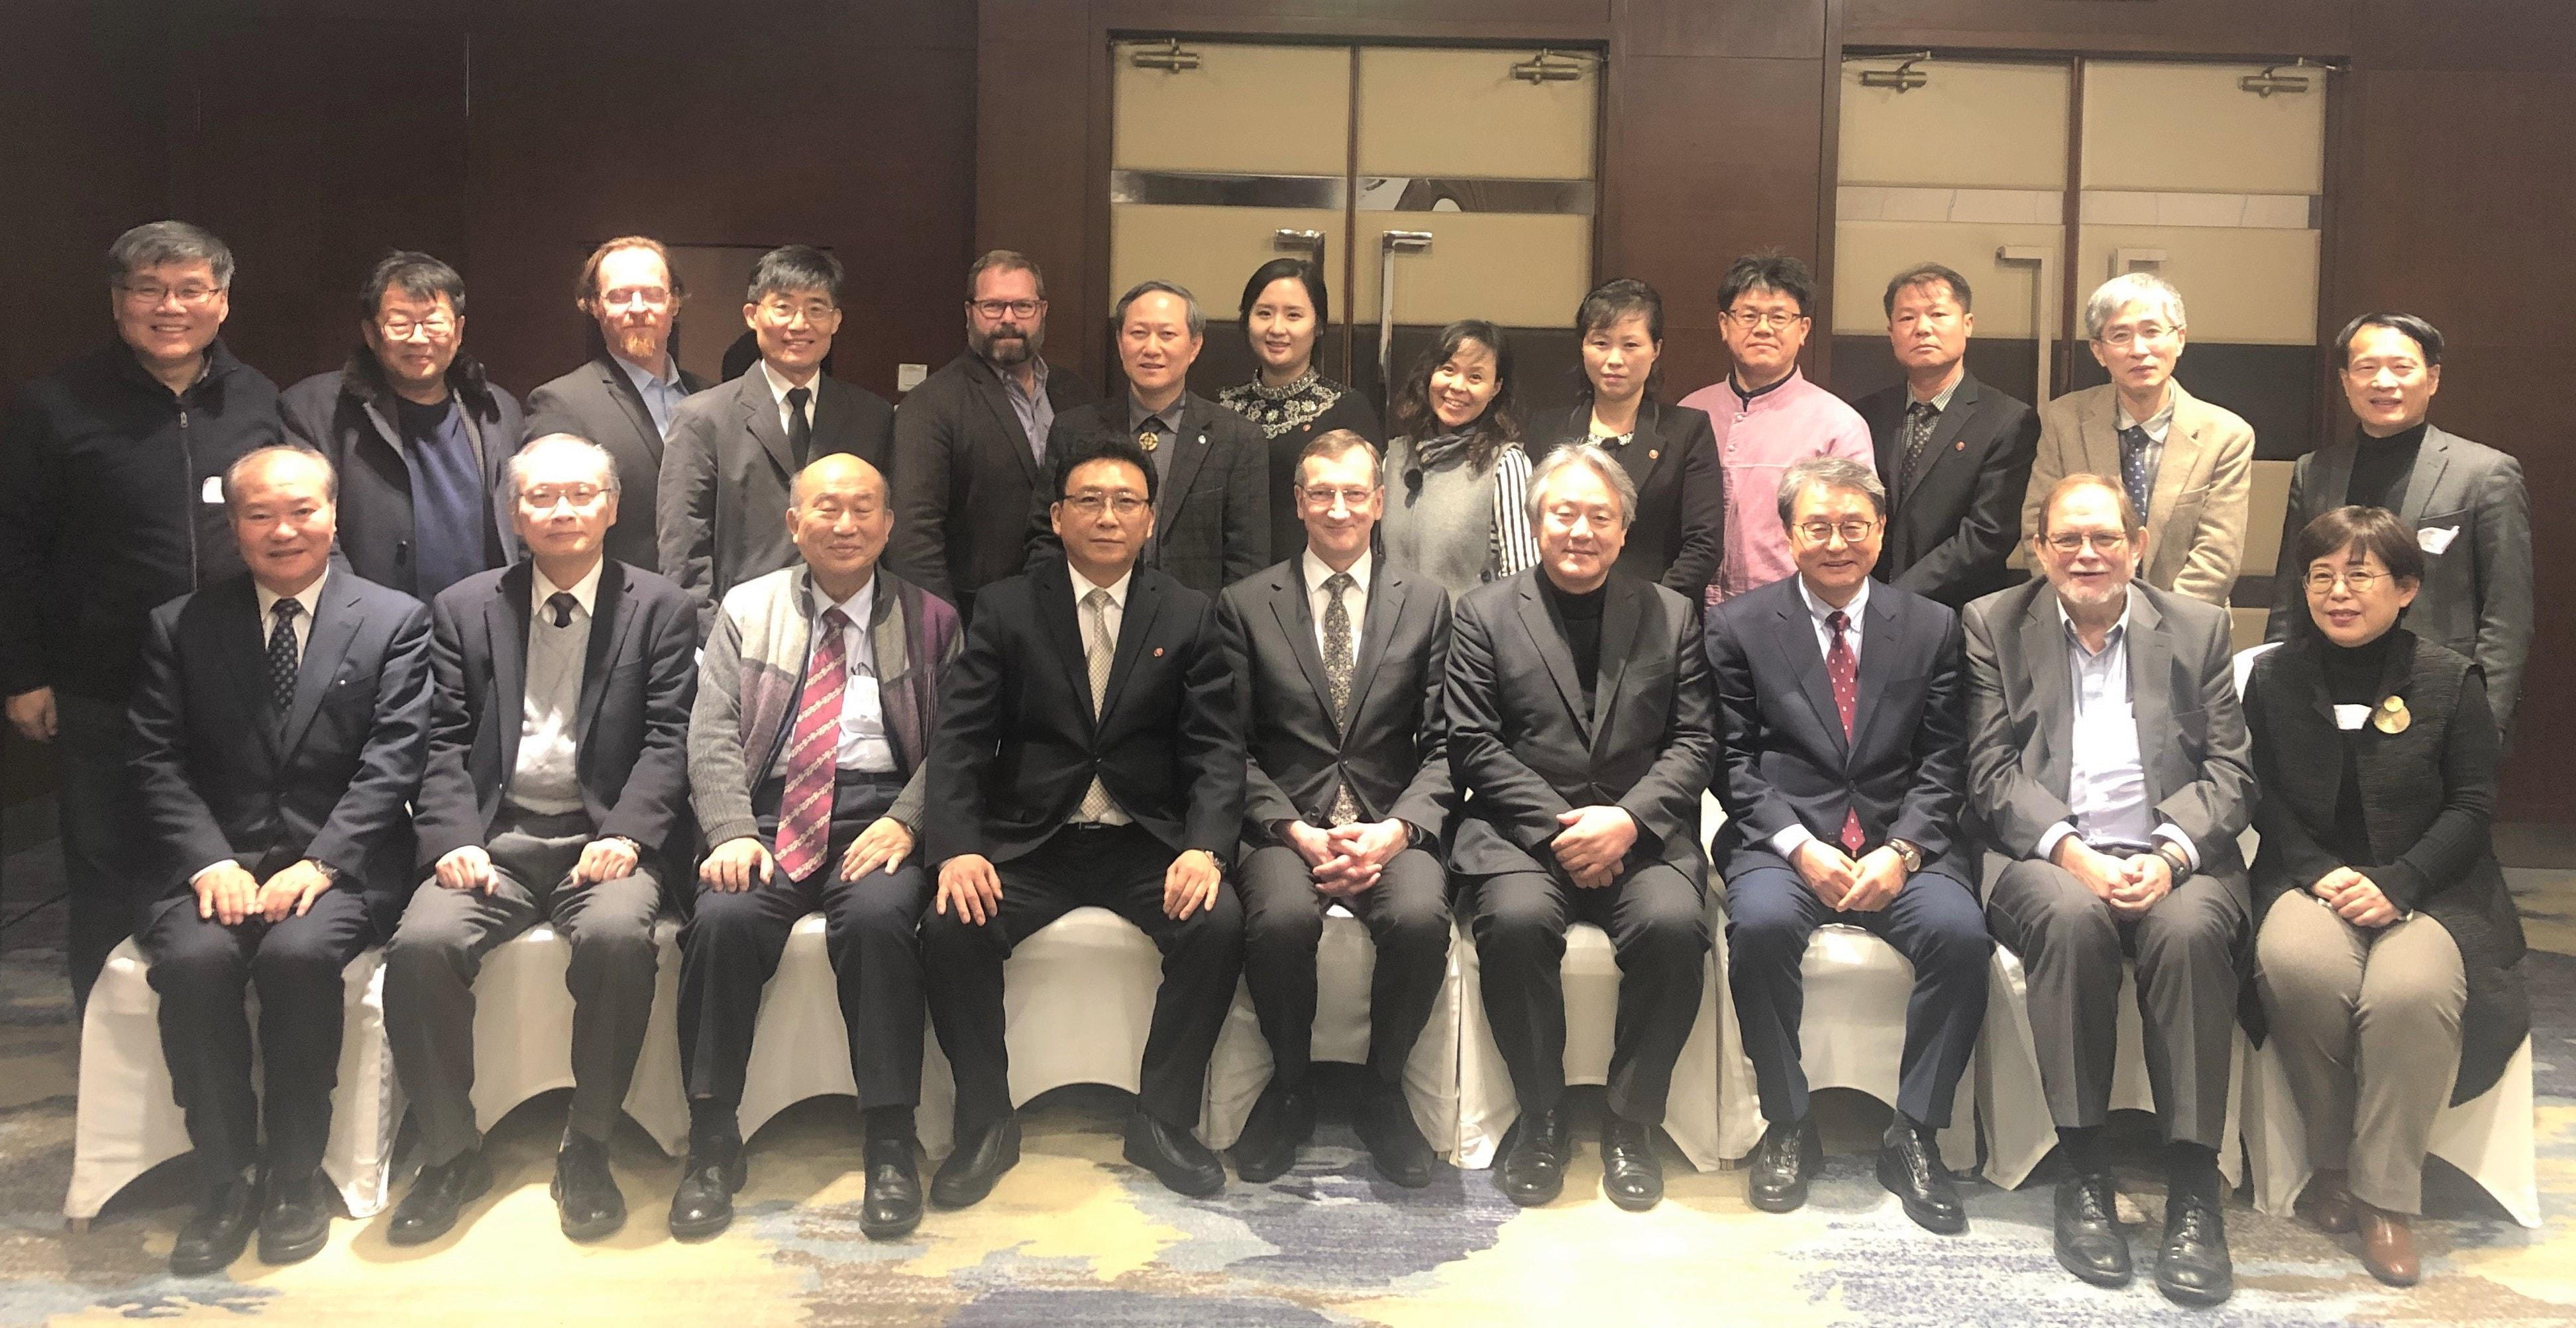 <한반도 평화, 통일 및 개발과 협력을 위한 에큐메니칼 포럼(EFK)> 실행위원회에 참석한 사람들. 사진 제공, 한국기독교교회협의회.